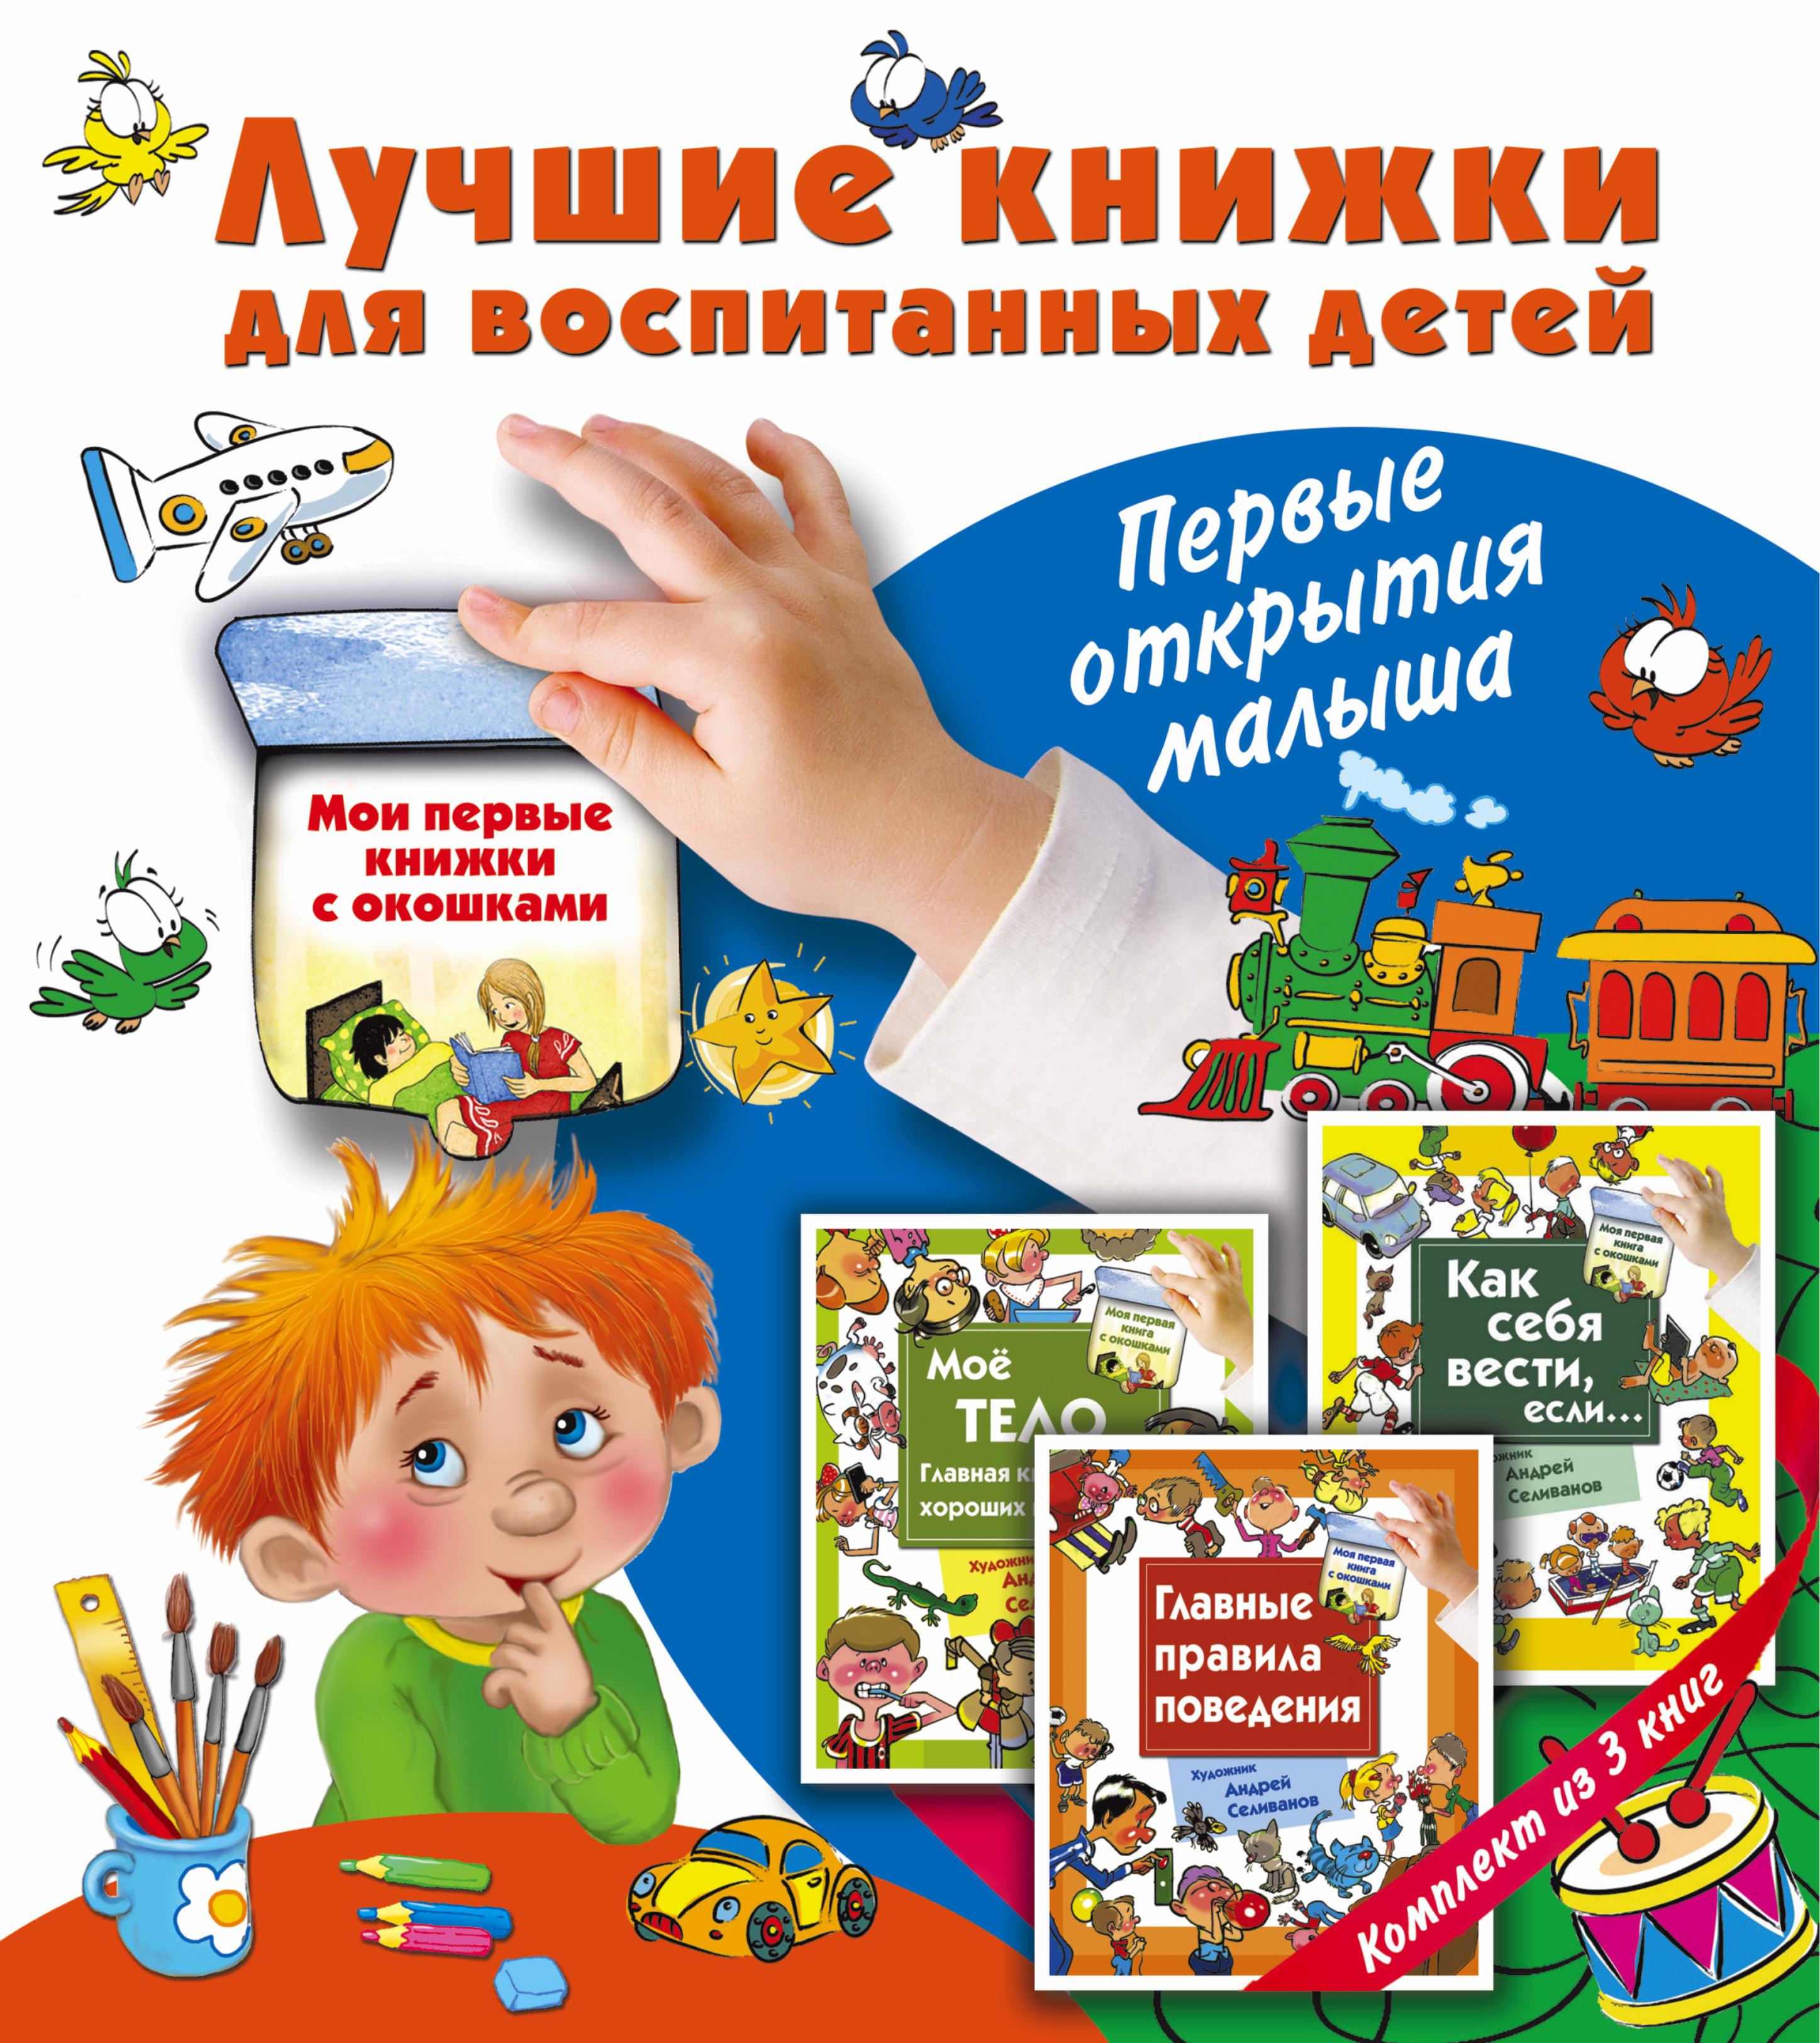 Лучшие книжки для воспитанных детей. Первые открытия малыша (комплект из 3 книг)